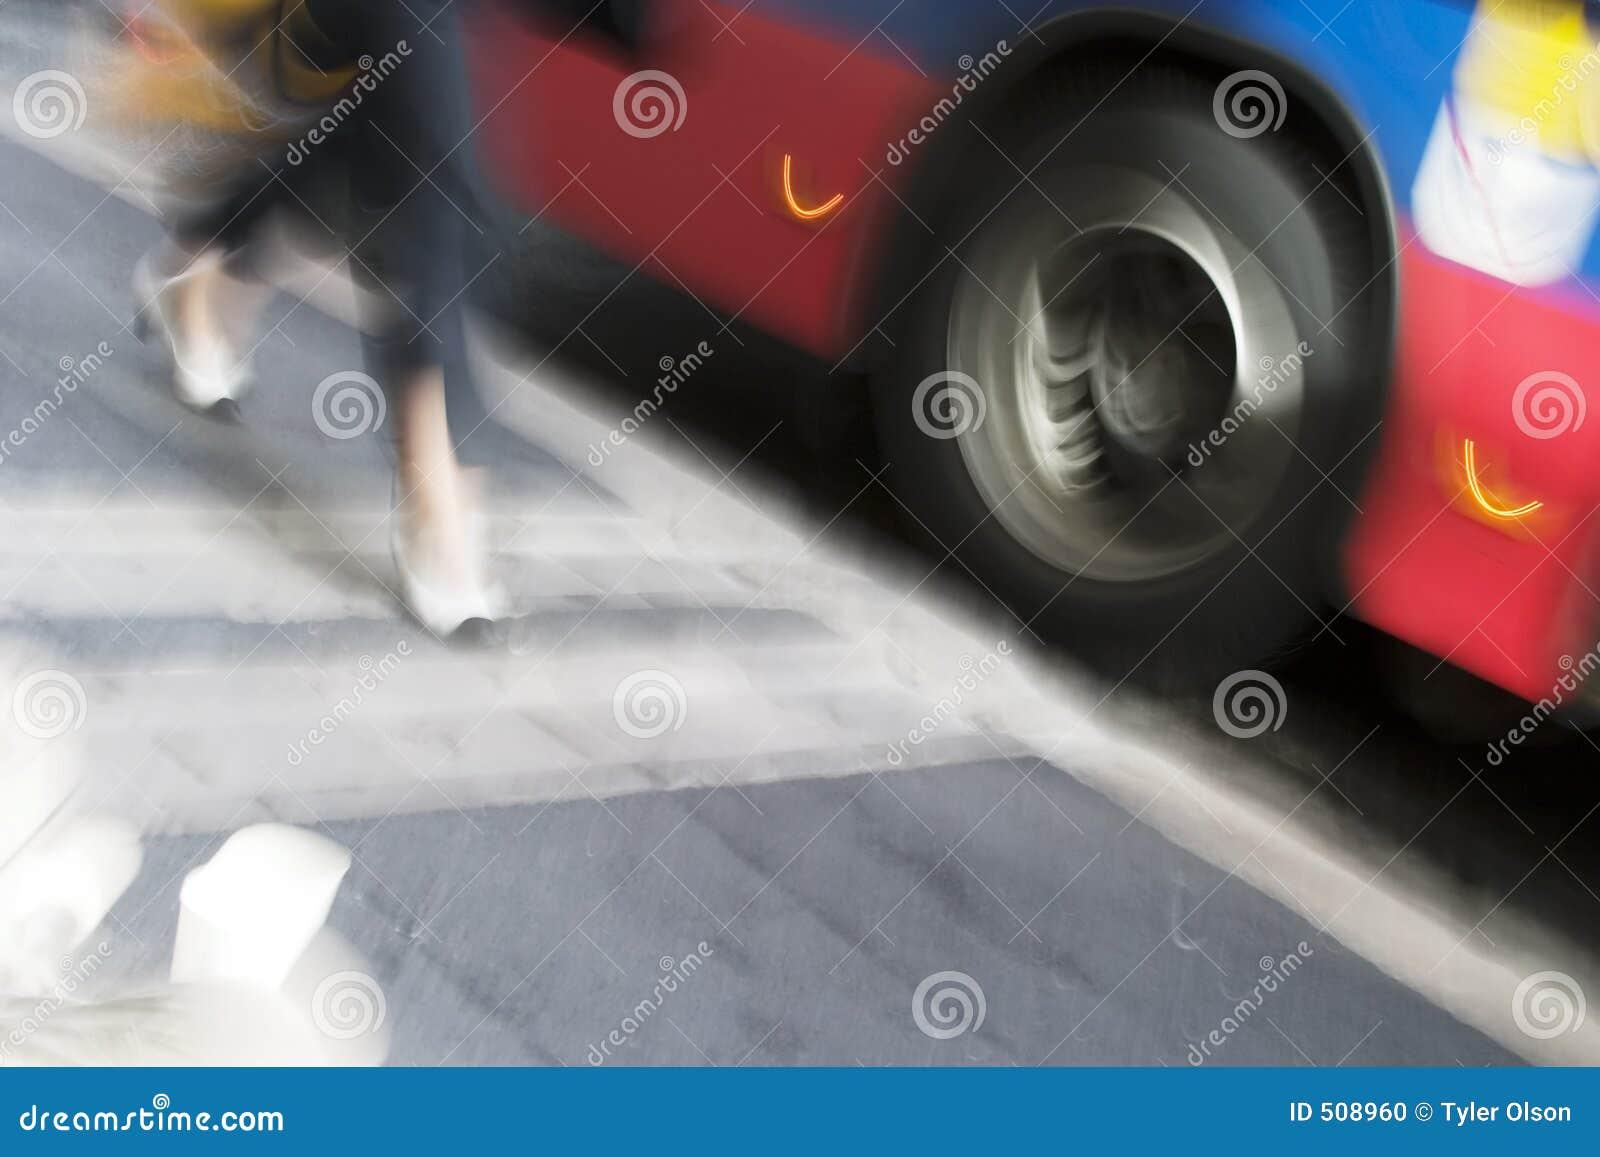 Buss sent